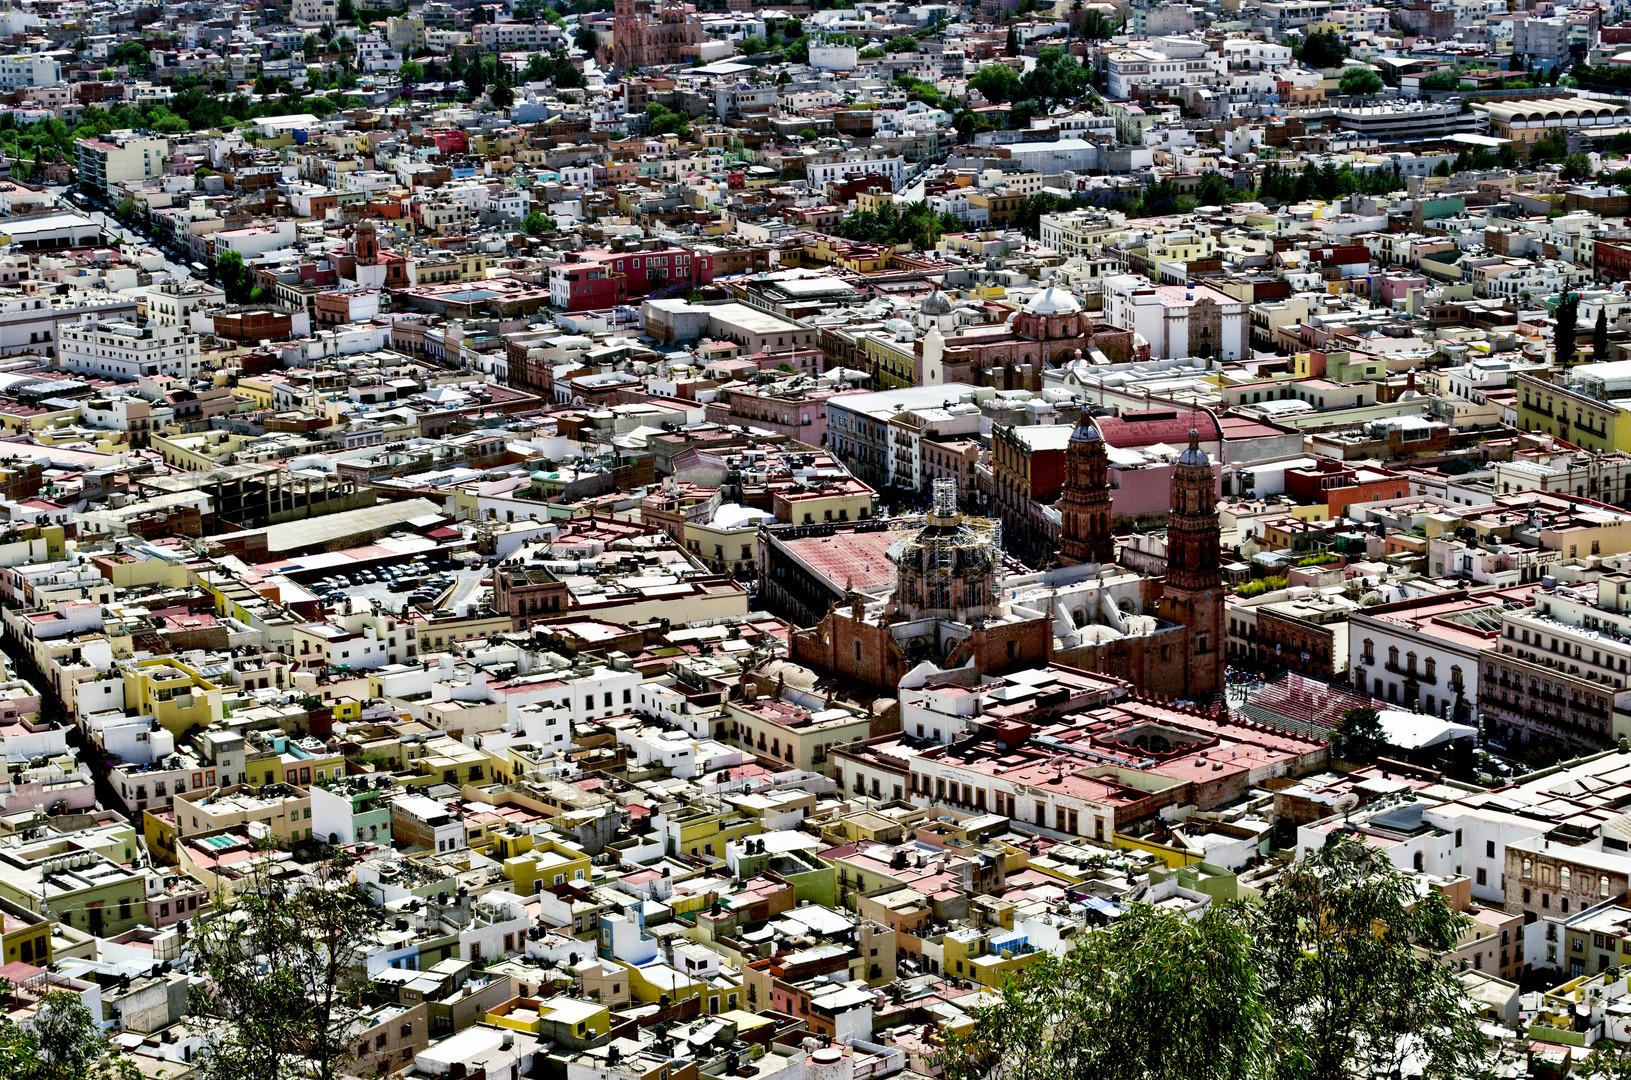 Zacatecas, Zacatecas.